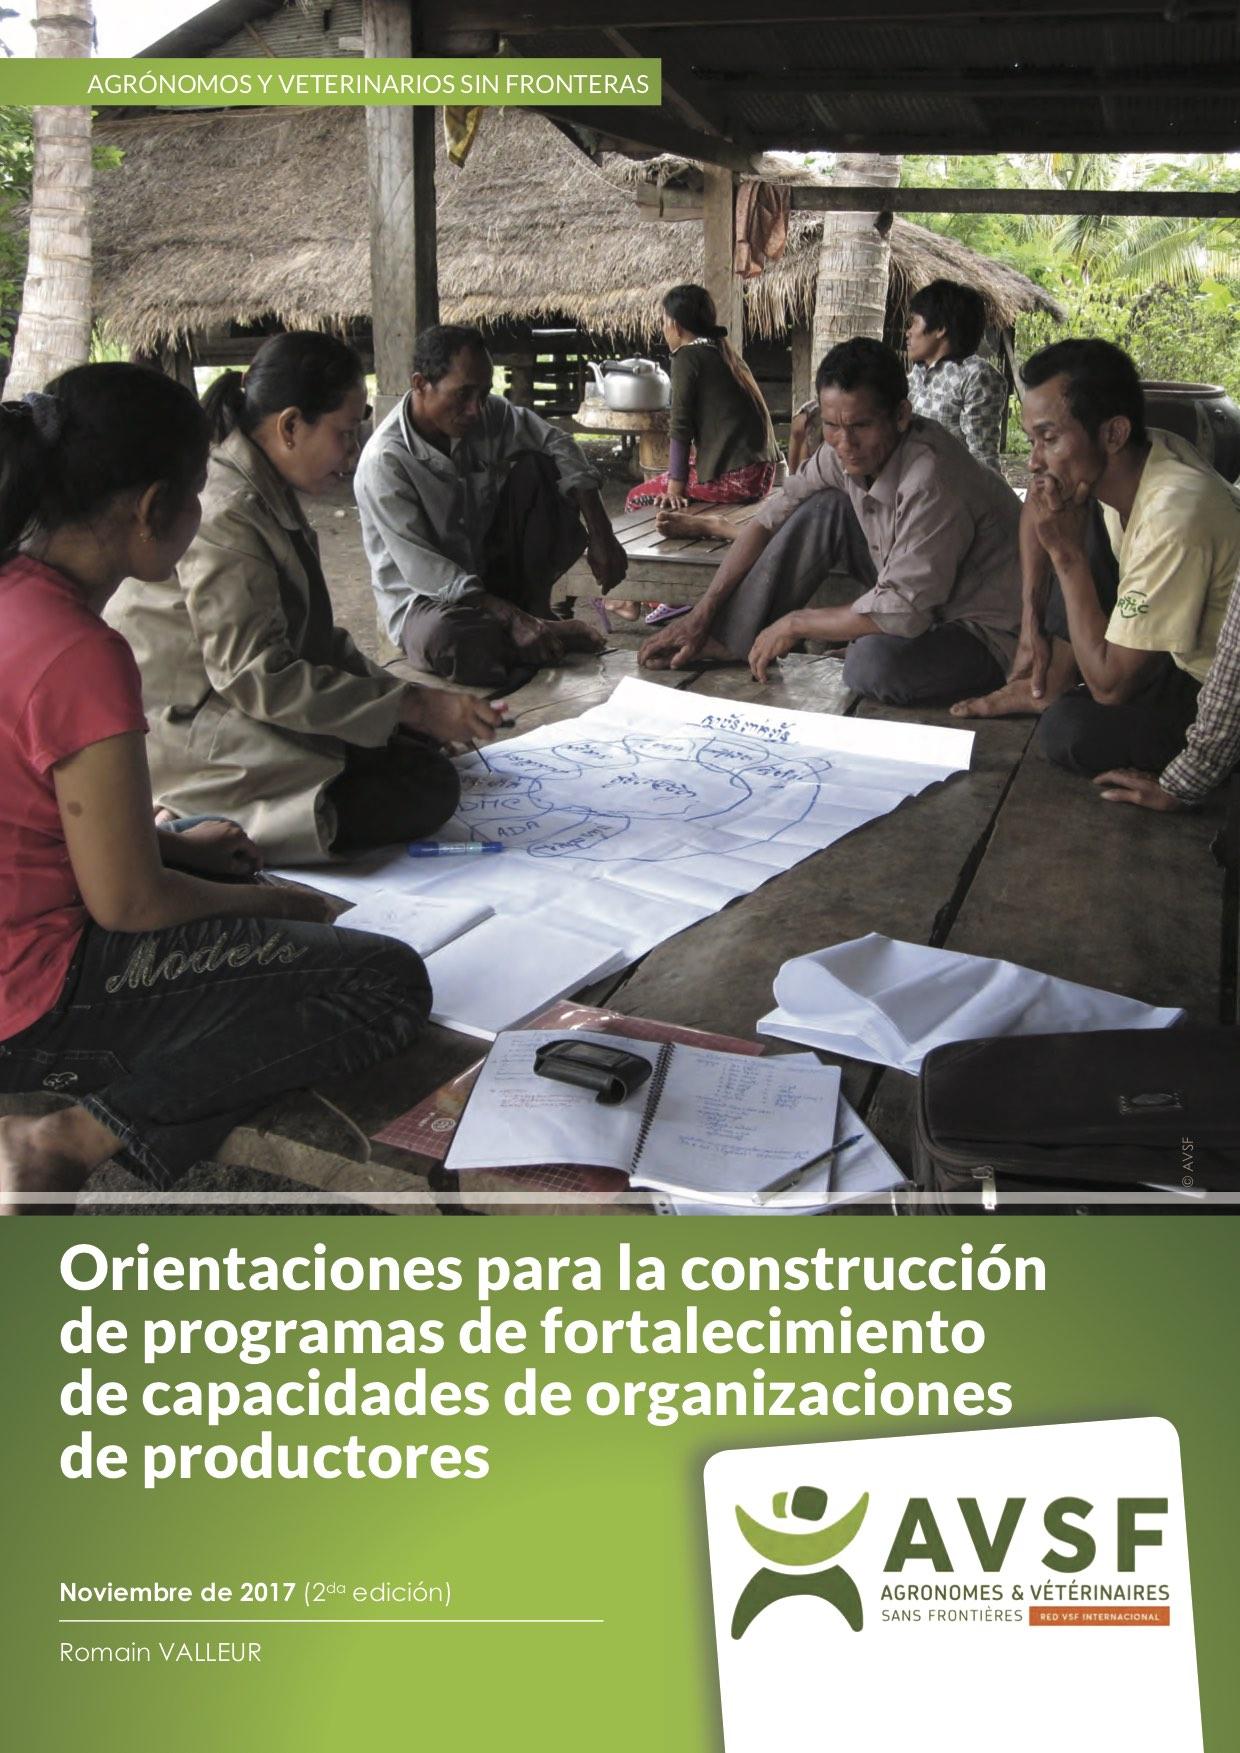 Orientaciones para la construcción de programmes de fortalecimiento de capacidades de organizaciones de productores Image principale